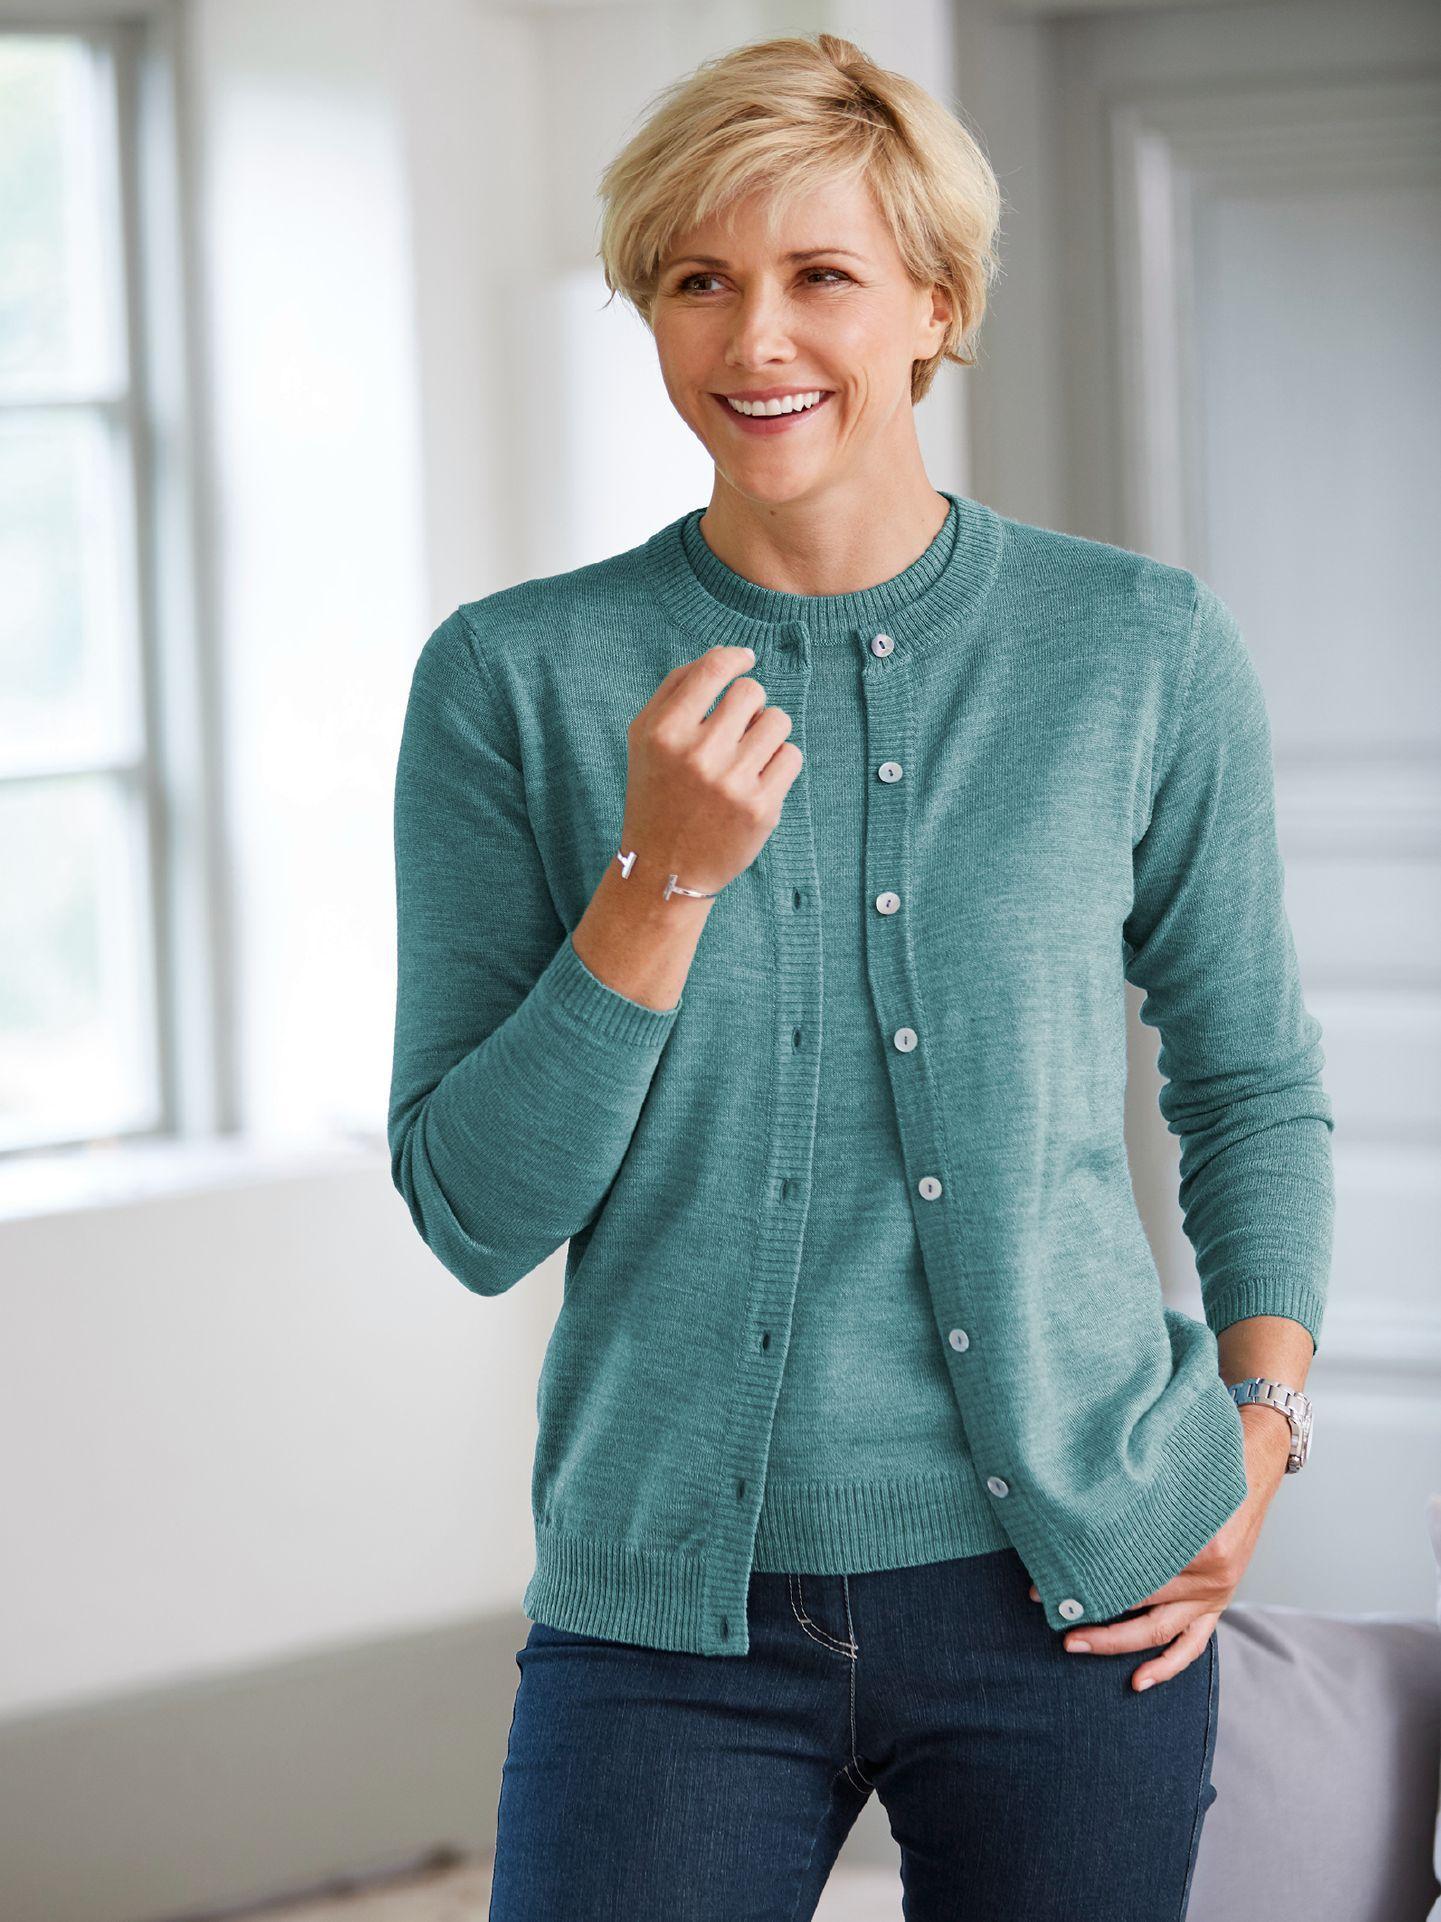 2019 heißer verkauf Kauf authentisch ganz nett Merino Mix Twinset | Twinsets | Sweater set, Sweater weather ...